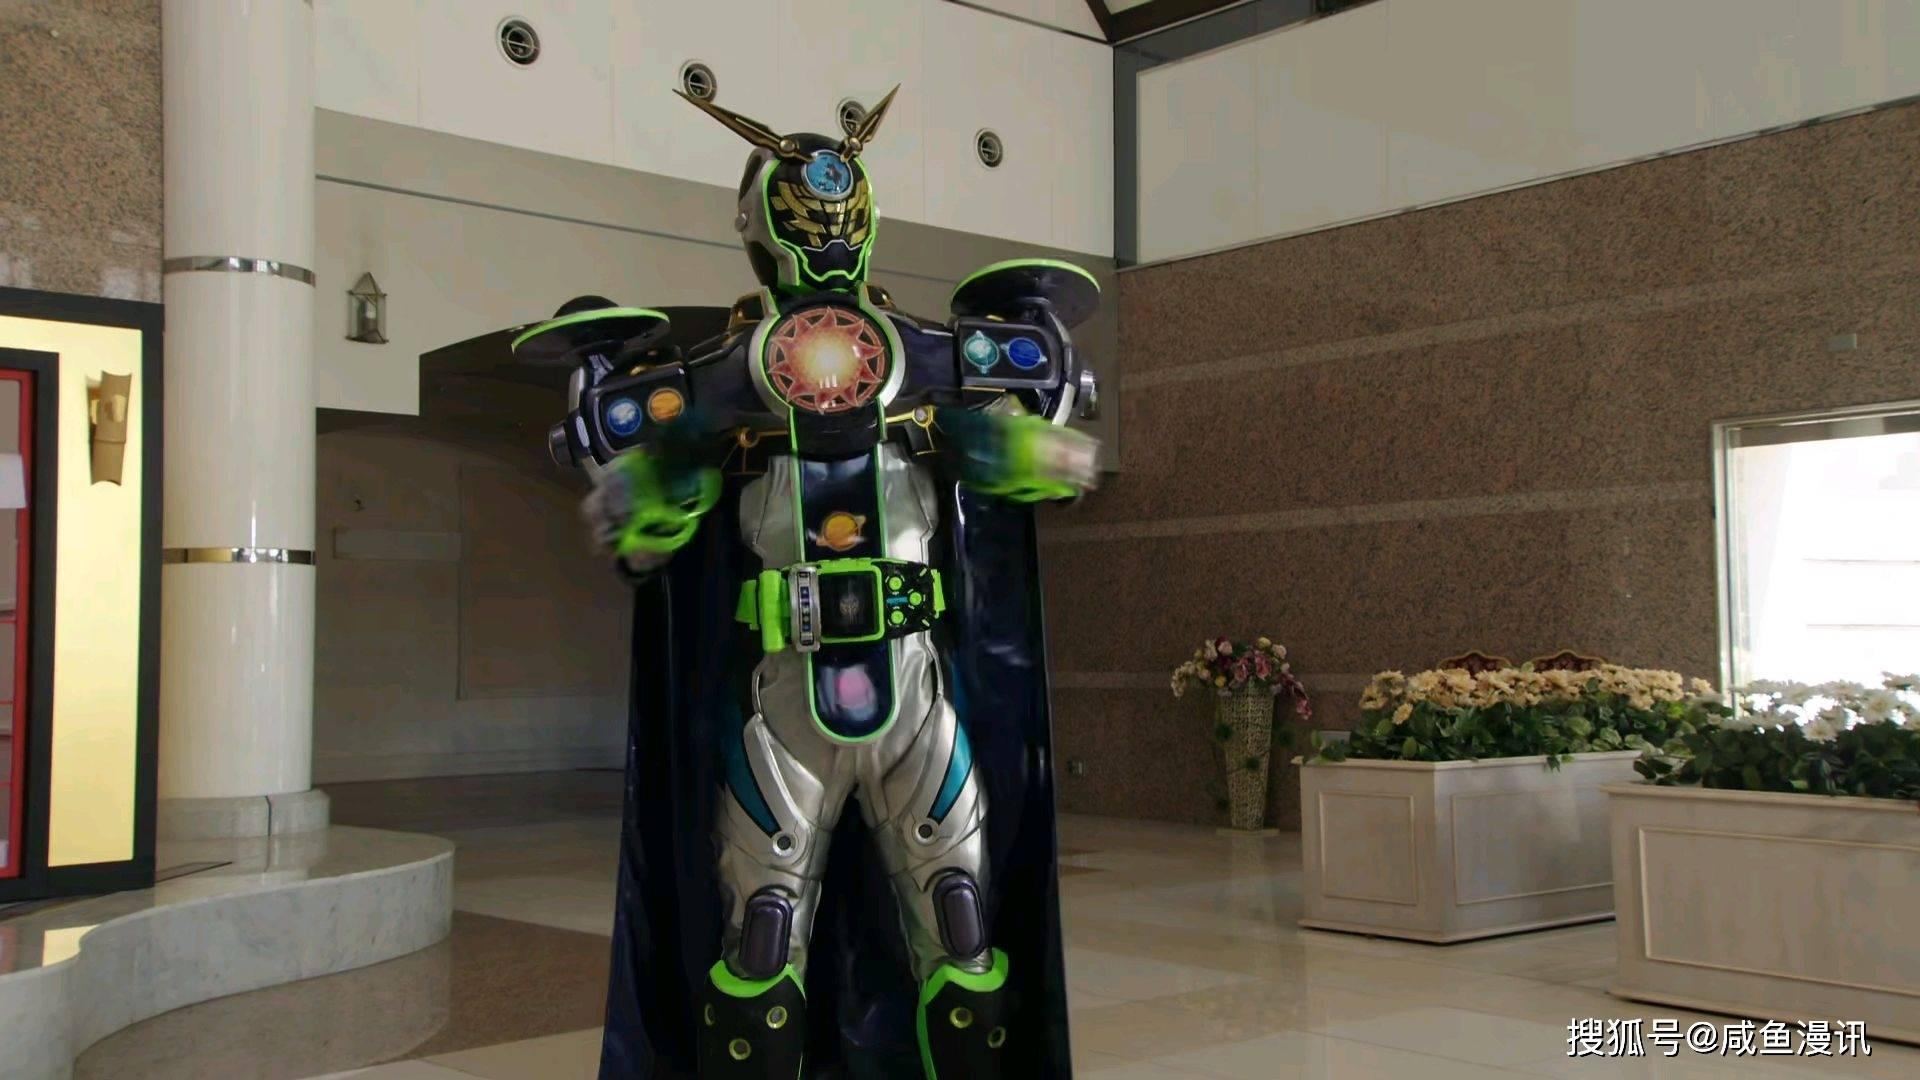 假面骑士:被称为数据怪物系列的骑士剧,设定真的是强无敌_形态